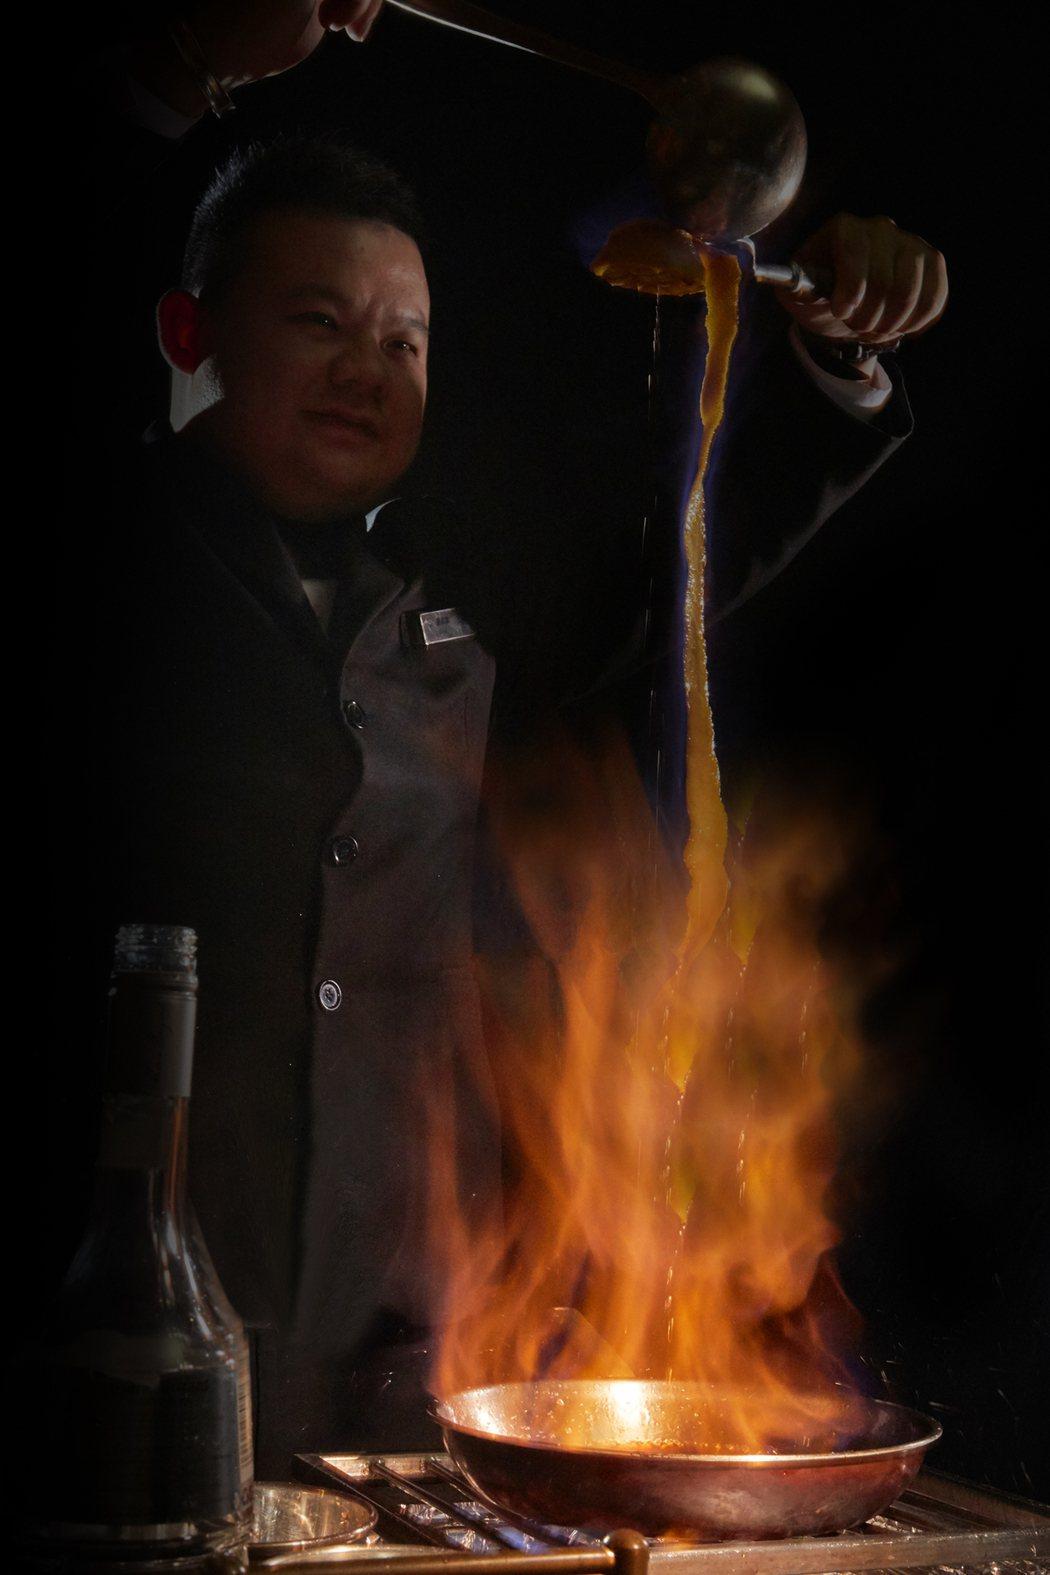 以劇中女主角吹熄蠟燭就能召喚男主角鬼怪劇情為靈感發想,規畫出一系列鬼怪限定料理。...